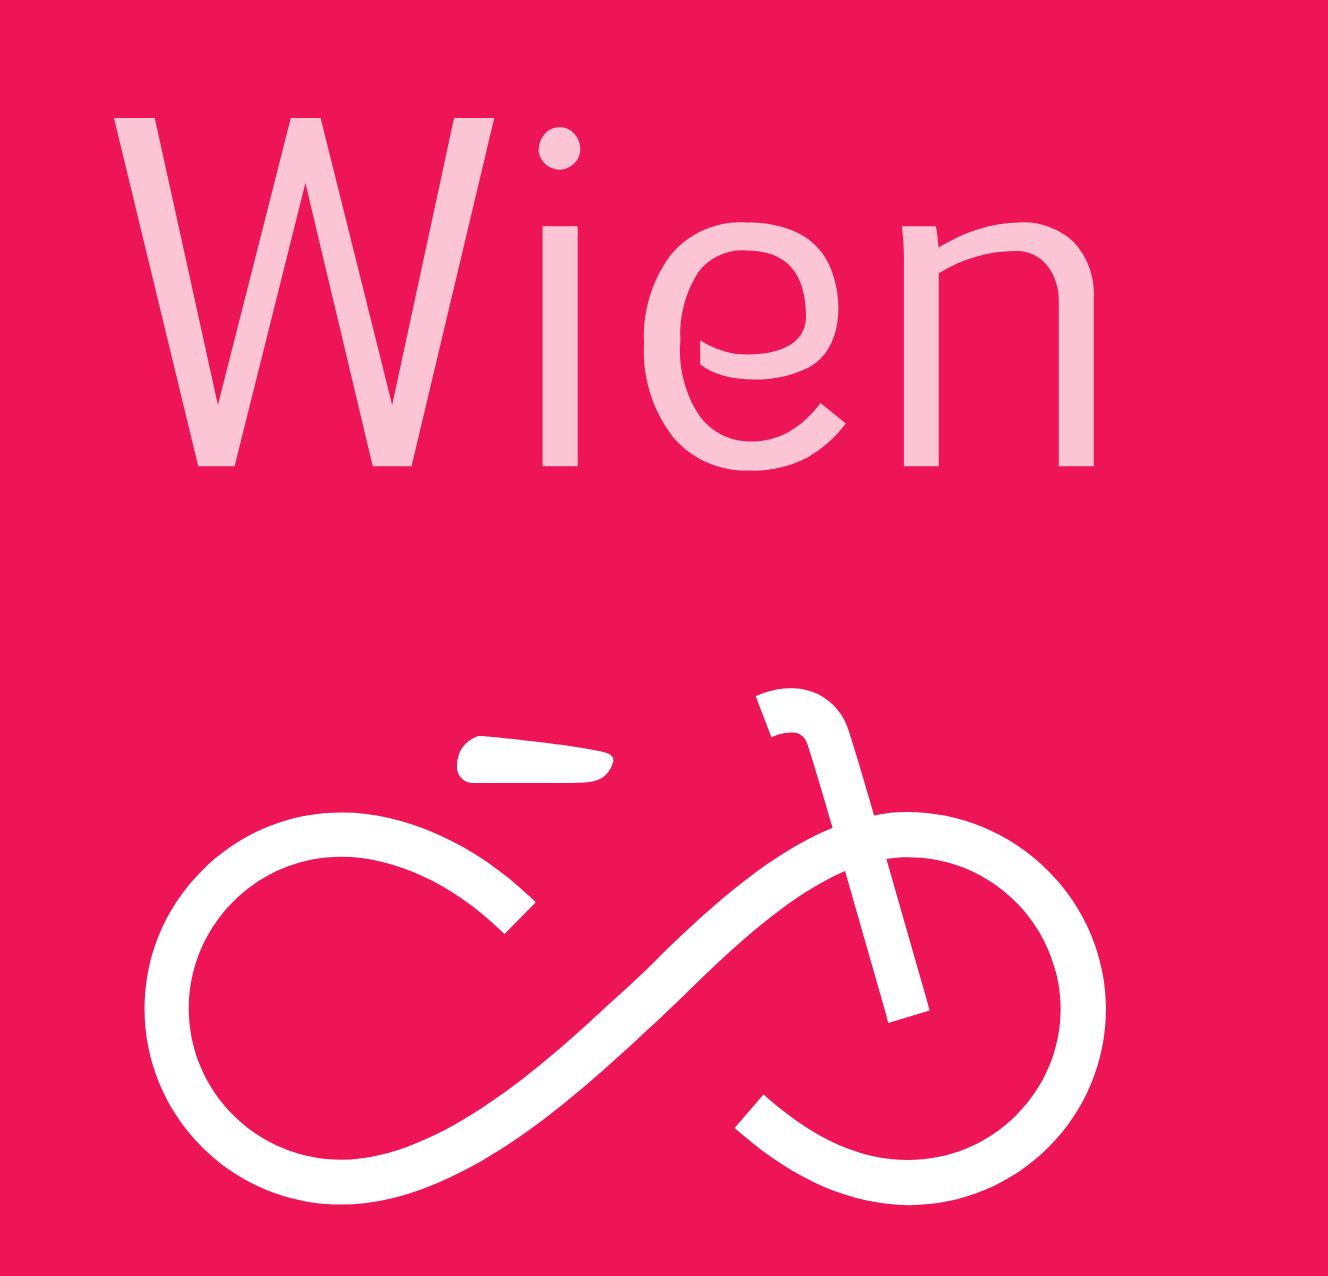 """(Hot - Wien) Aktion """"Fahrradlicht"""": kostenlose Reflektoren + gratis Nachrüstung - 6.-9.11.2017"""